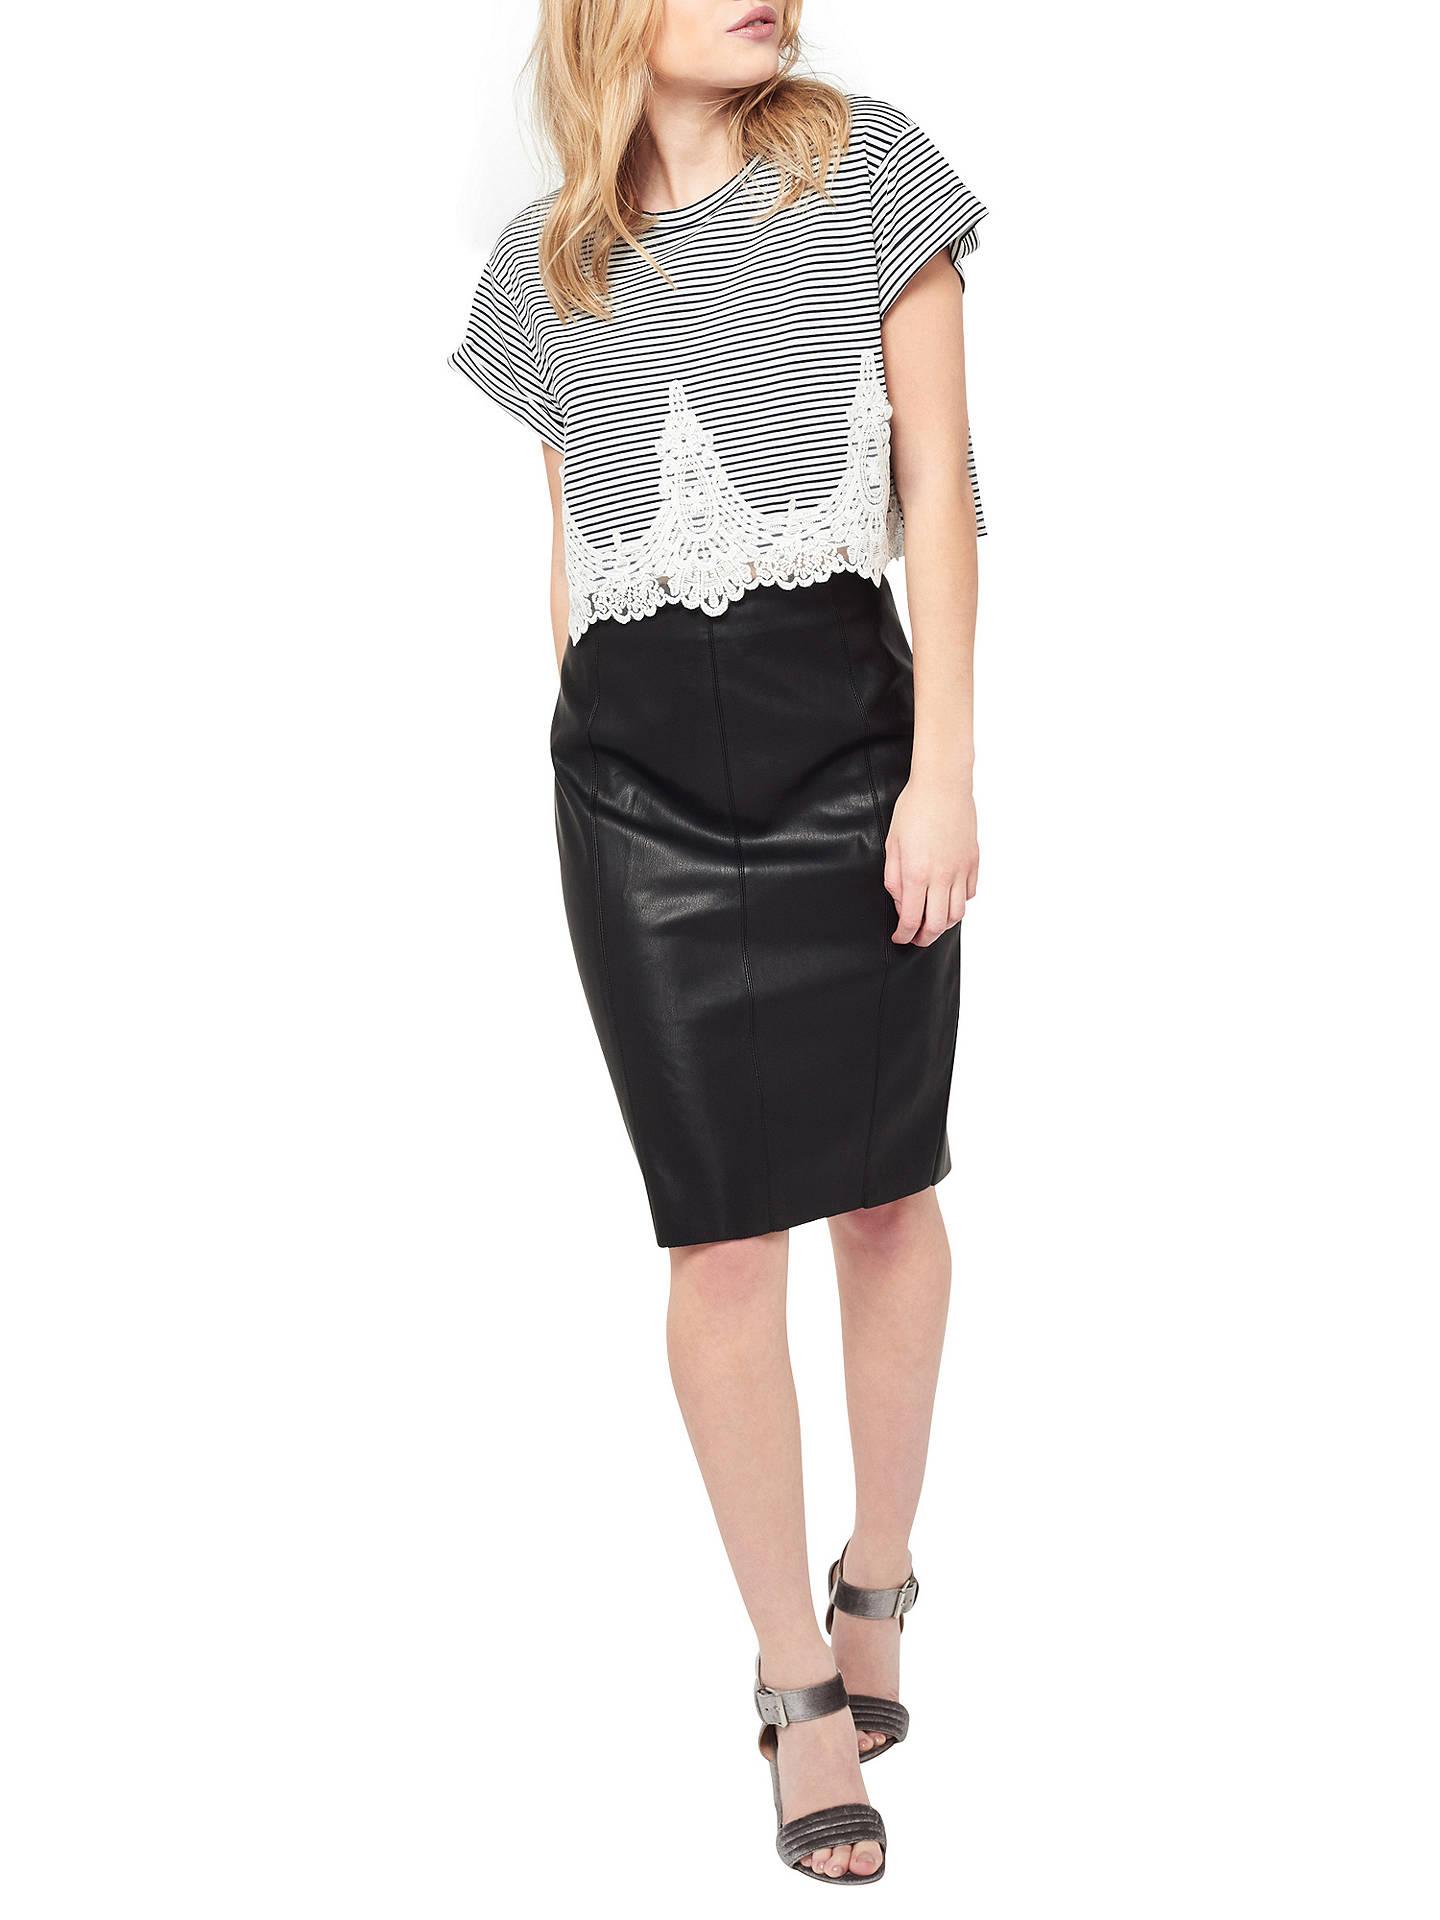 dd3f13f0fd8b ... Buy Miss Selfridge Petite PU Mini Skirt, Black, 6 Online at  johnlewis.com ...